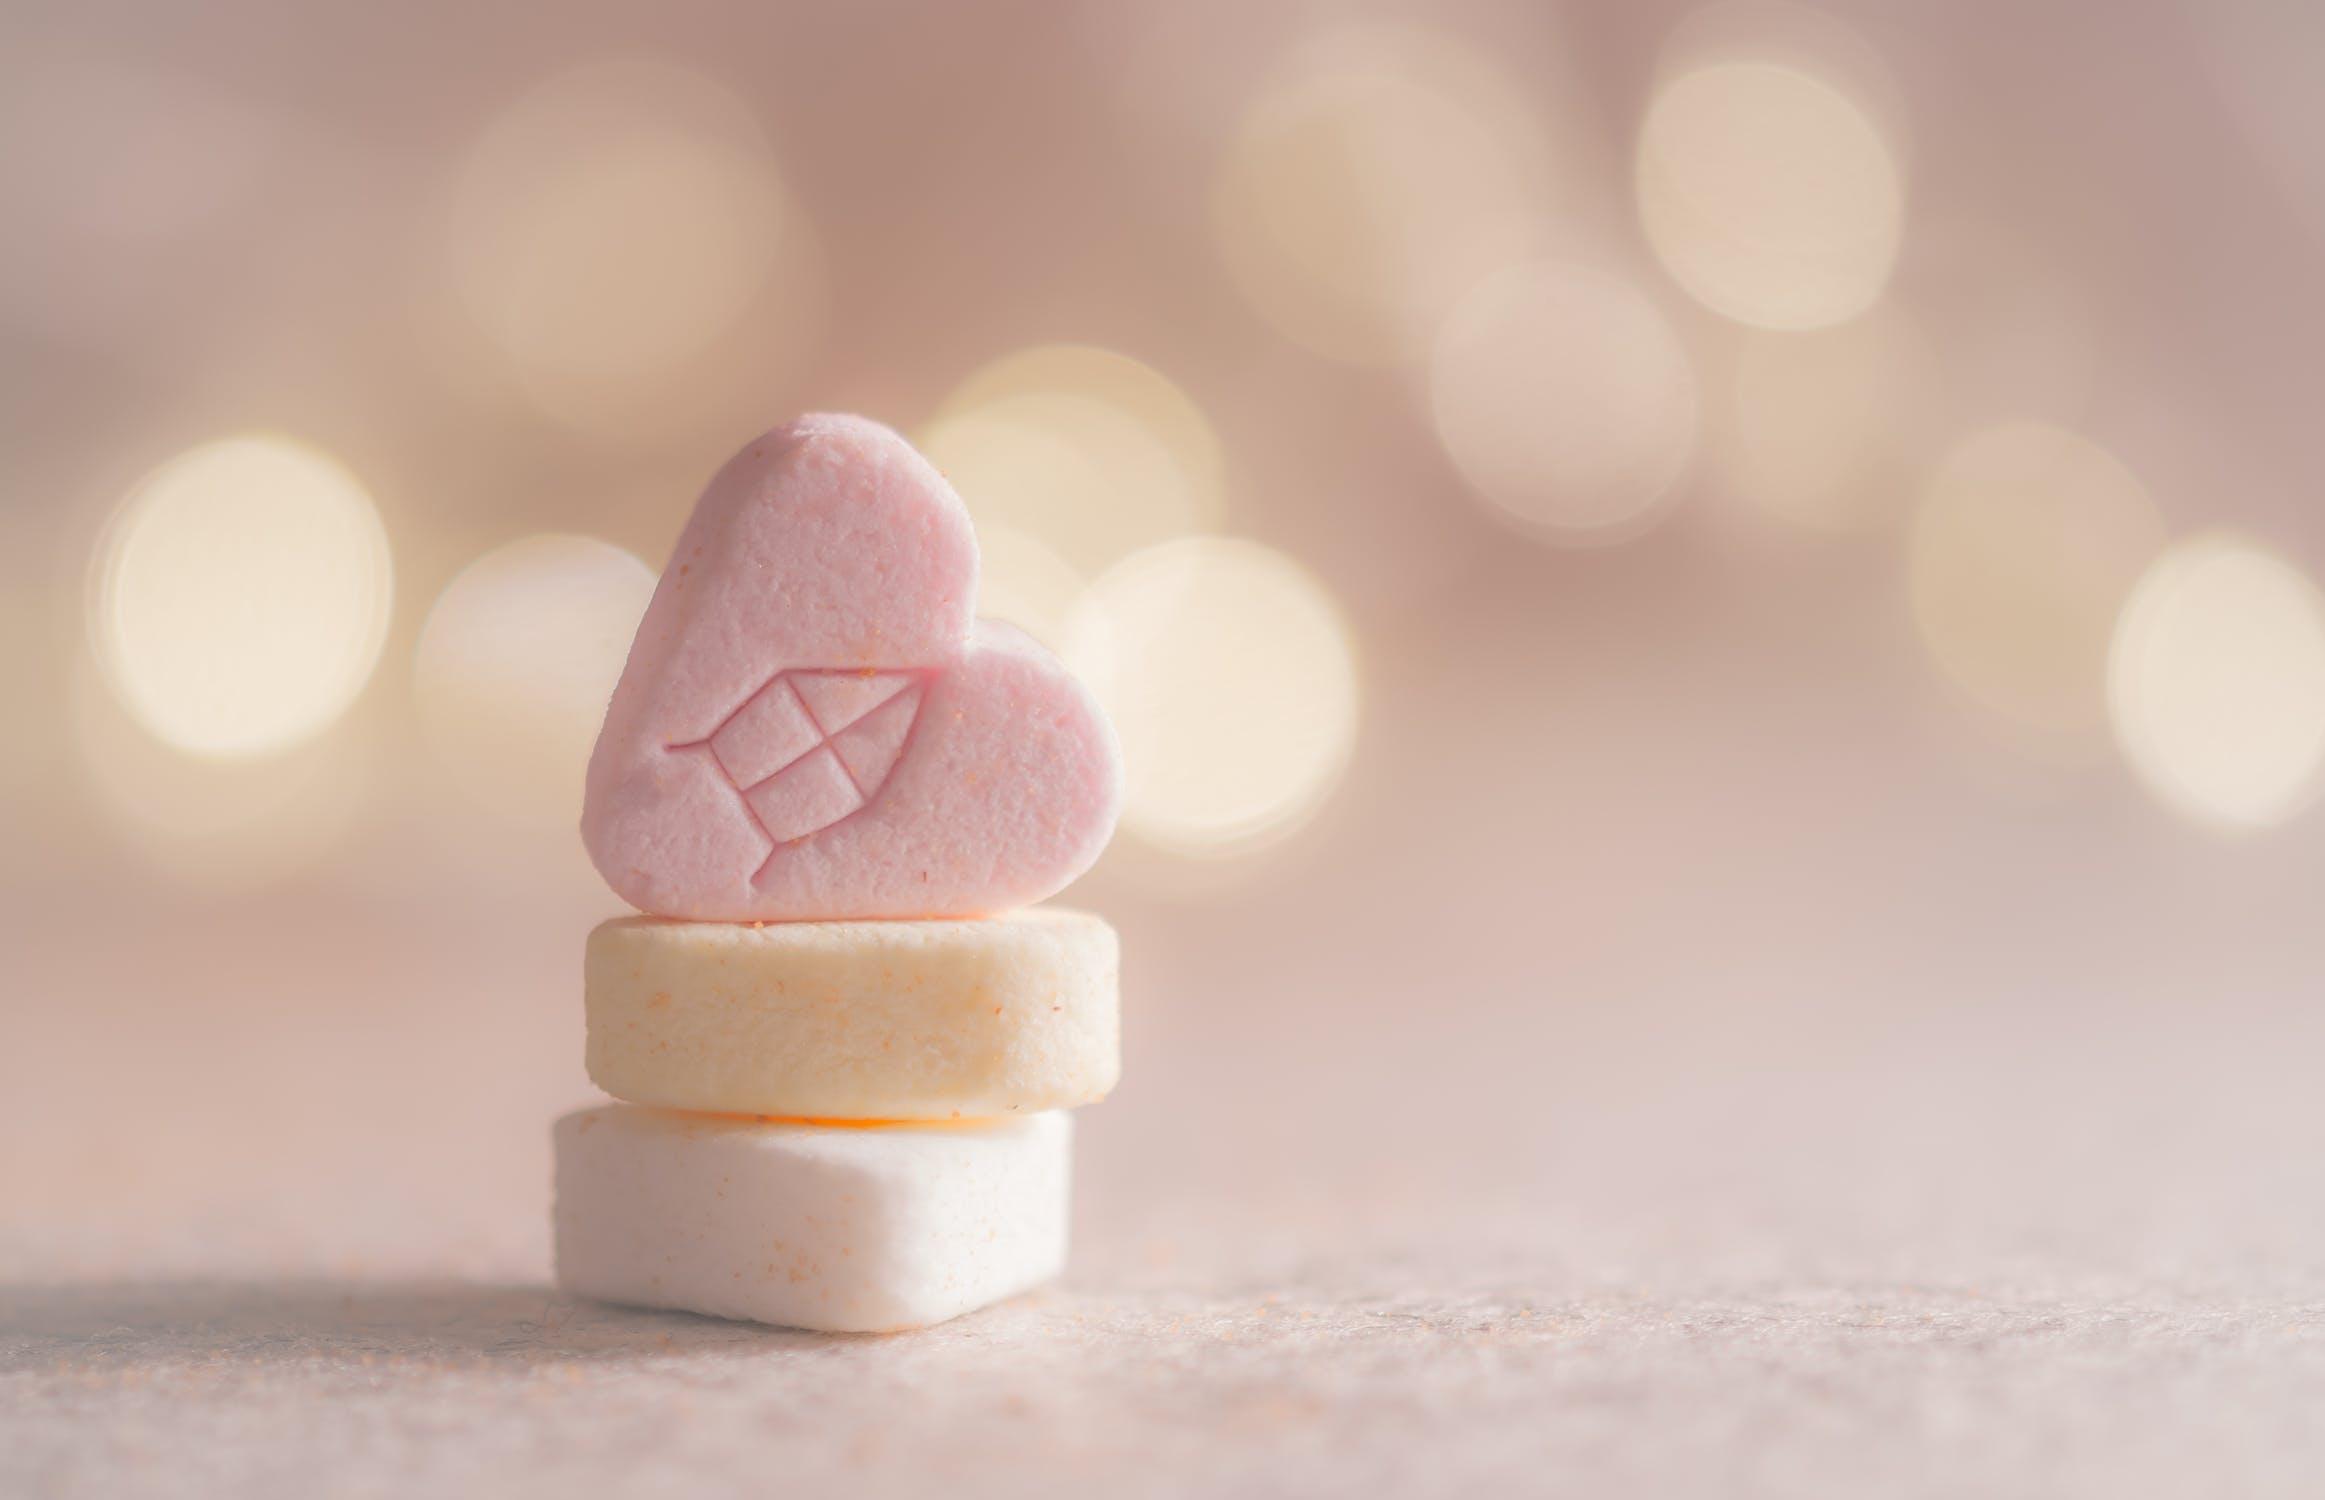 píldoras de fármacos